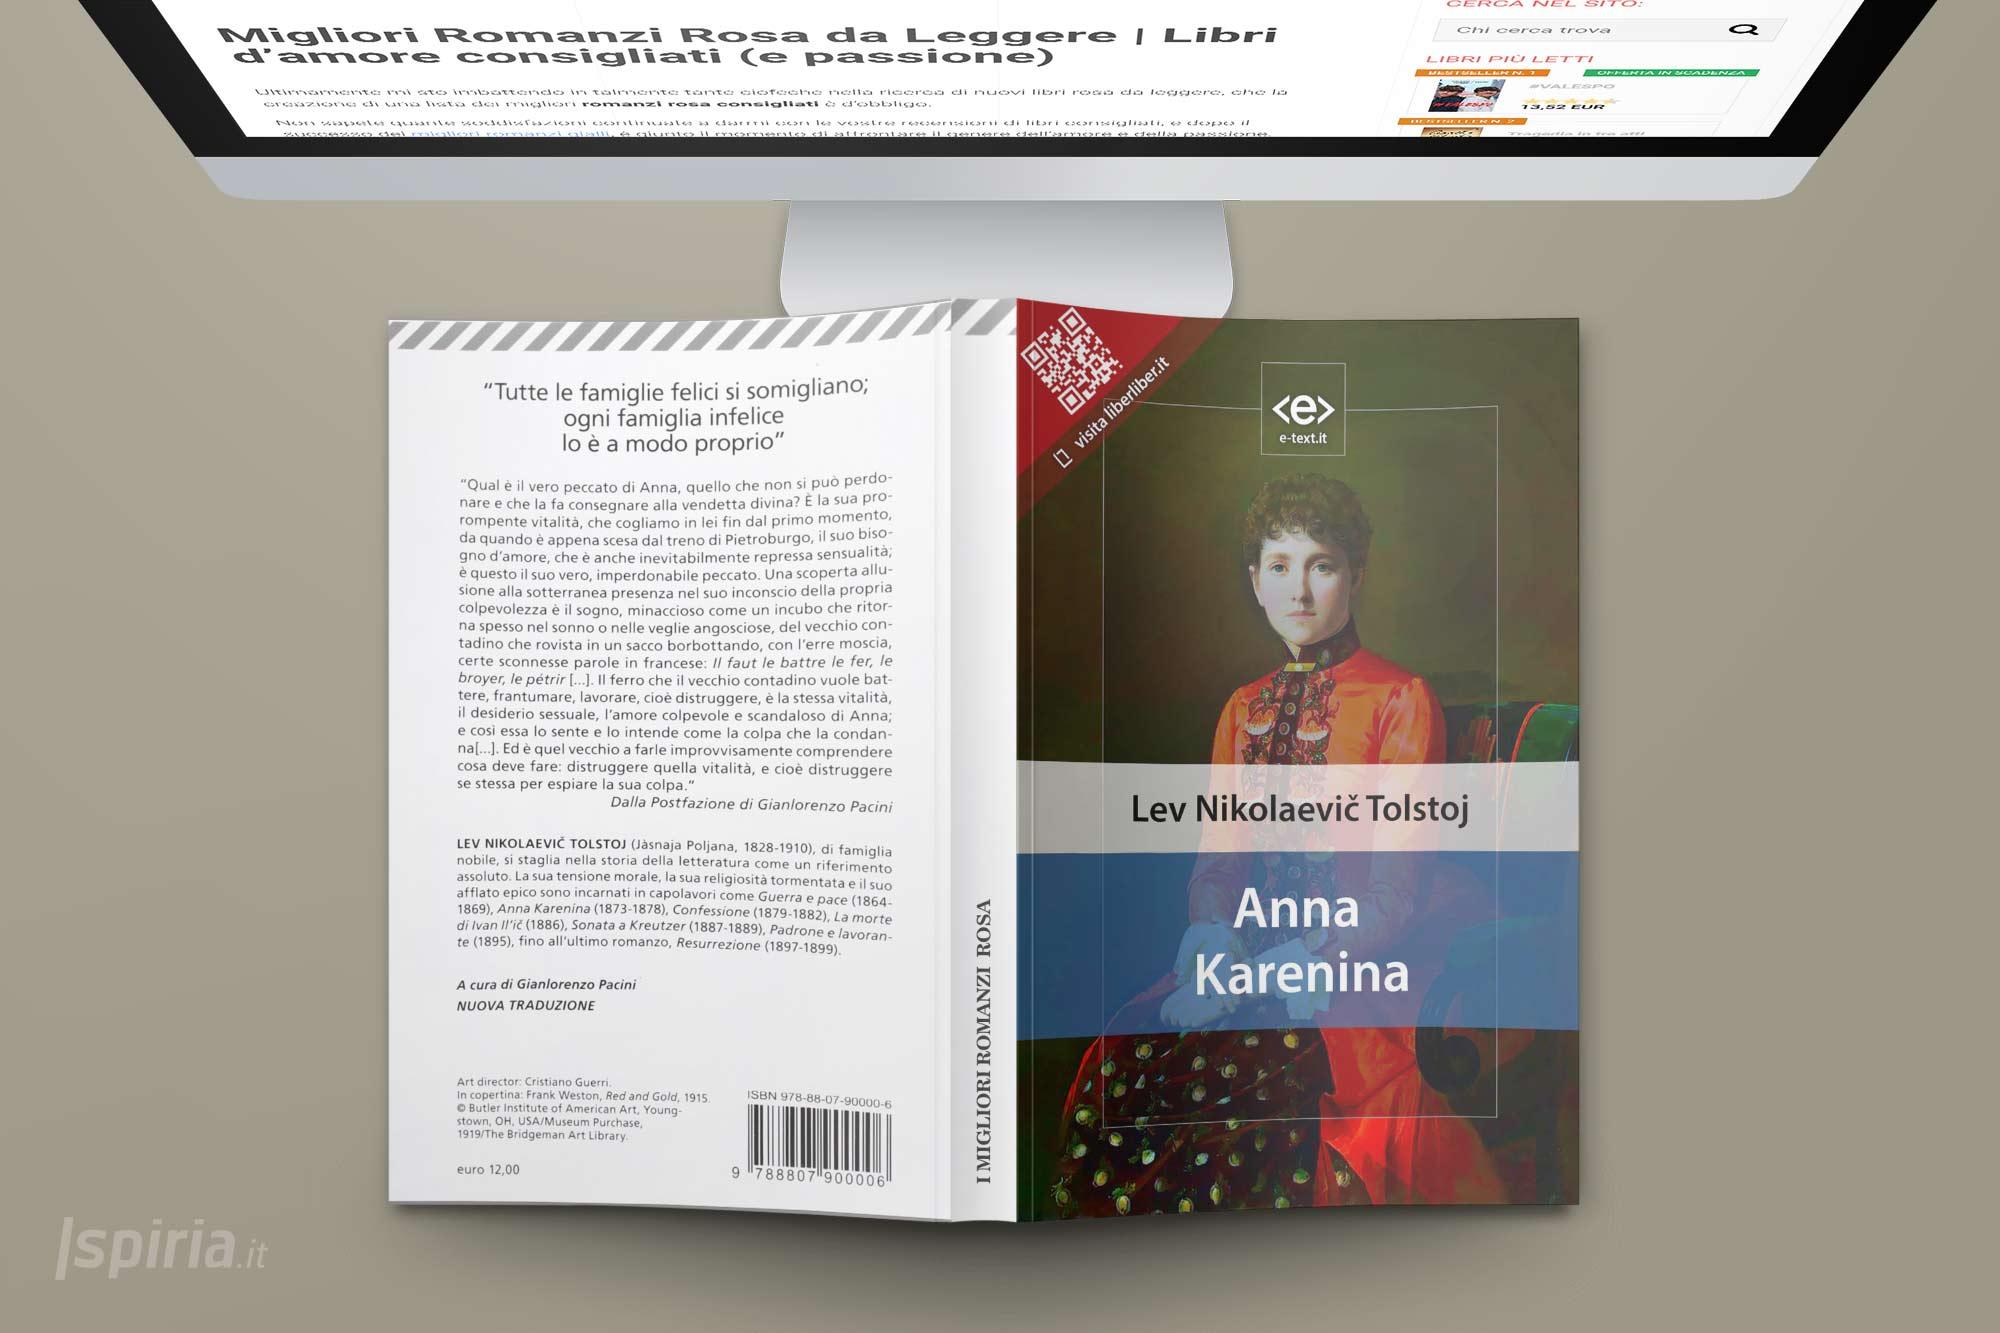 anna-karenina-libro-rosa-romanzo